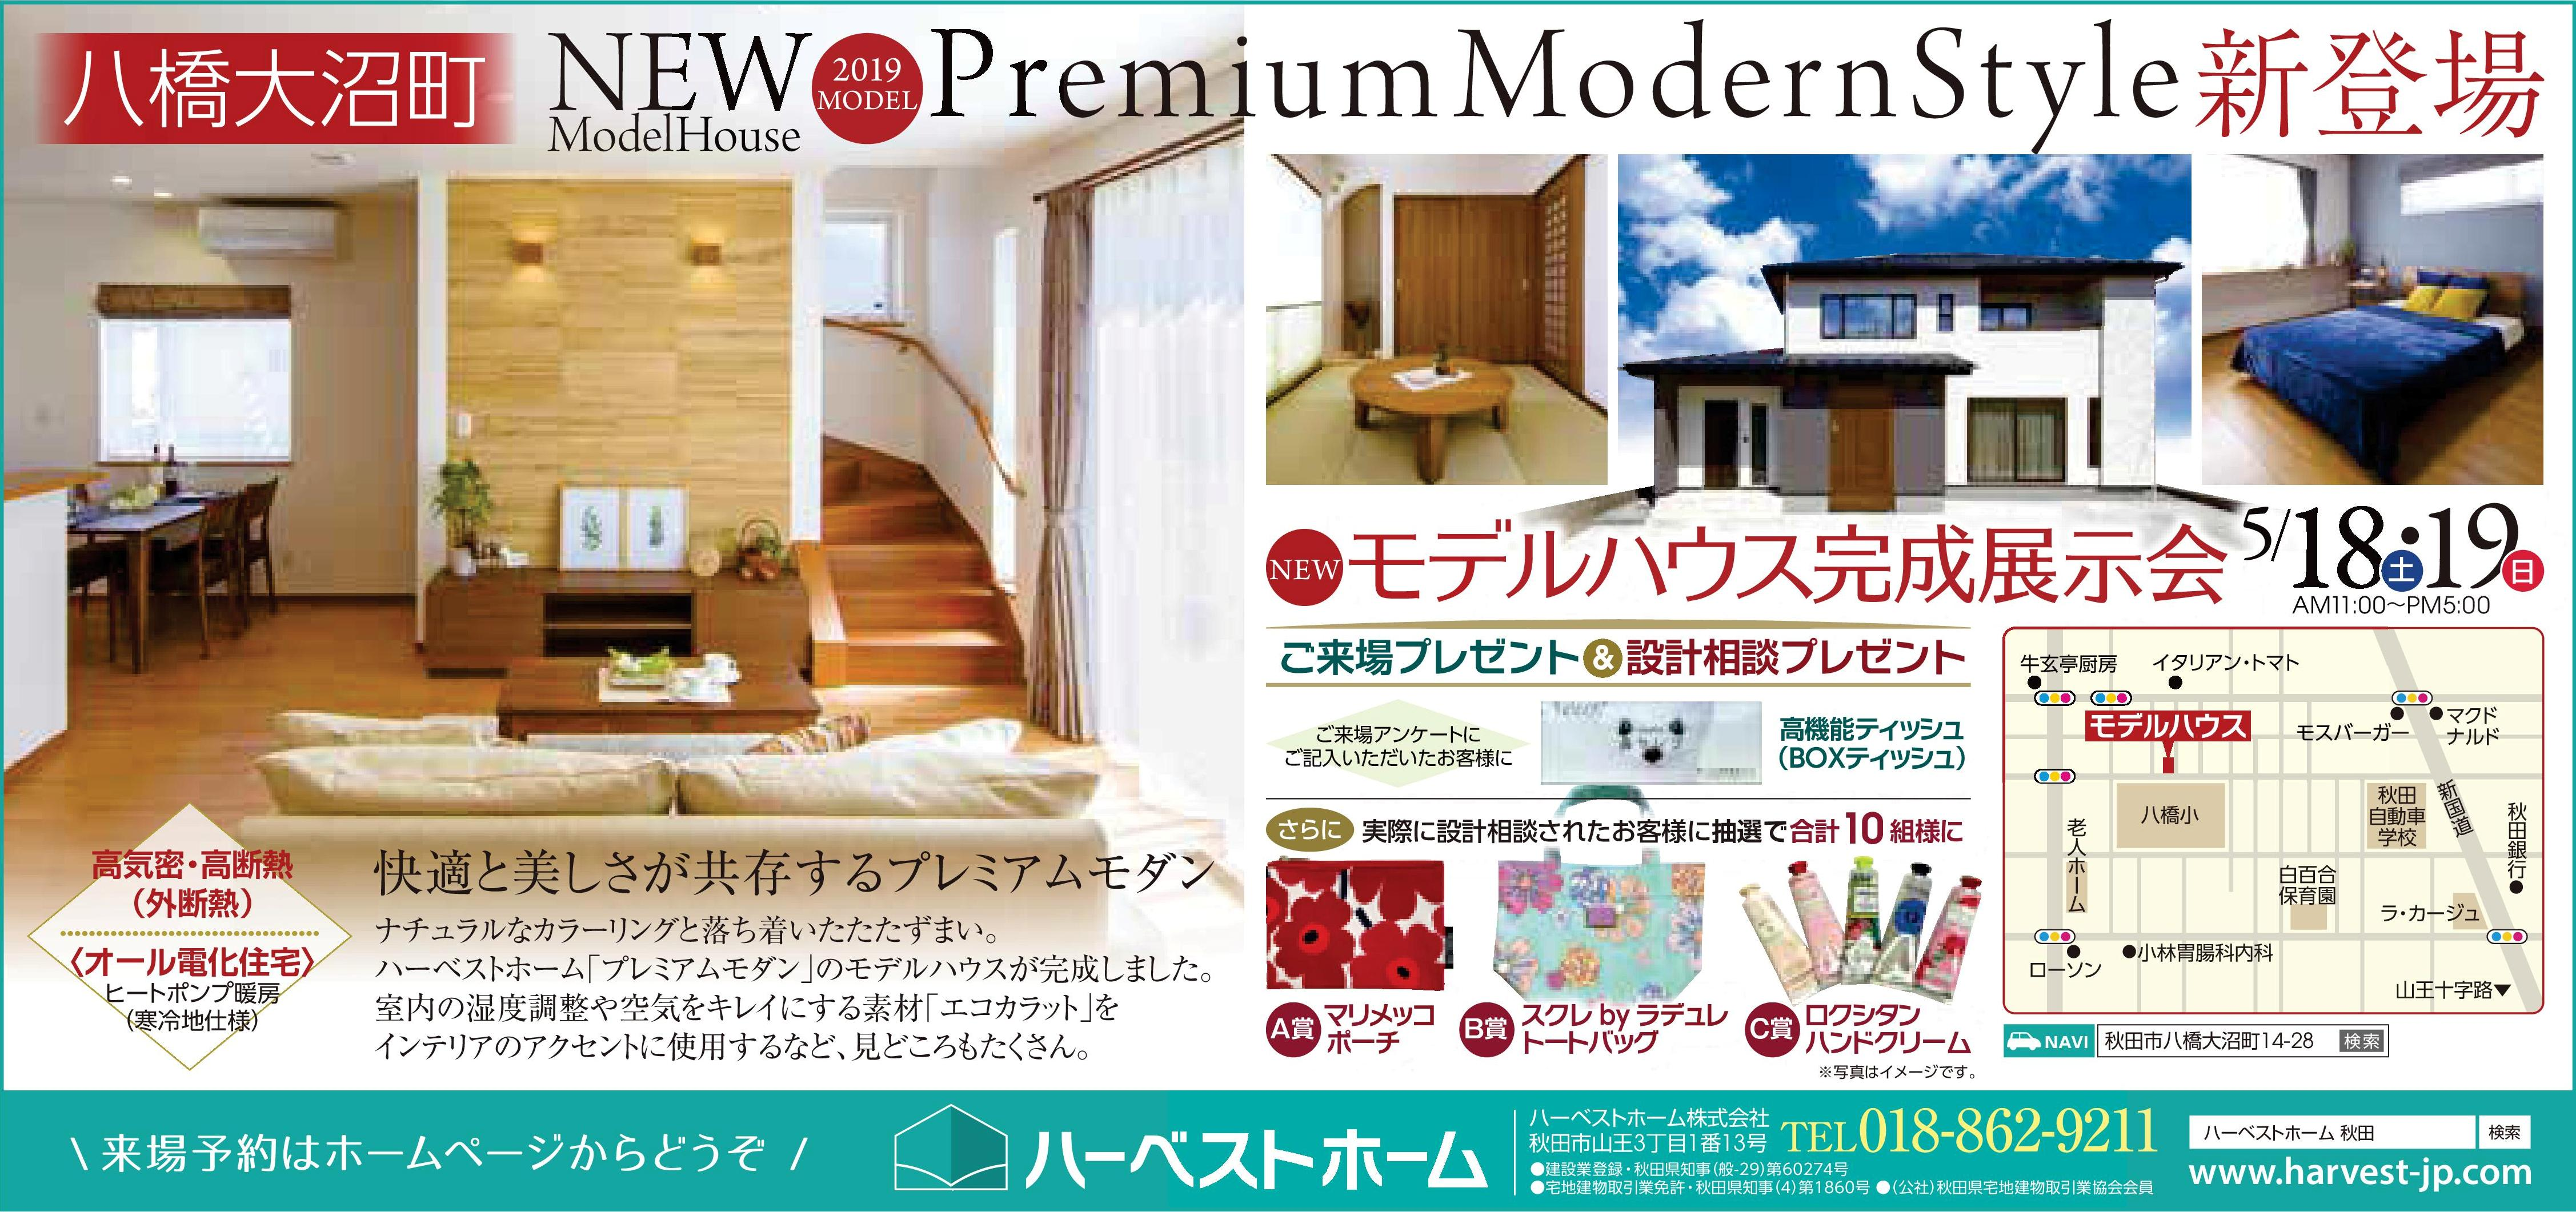 『八橋大沼町モデルハウス』…完成内覧会を開催!